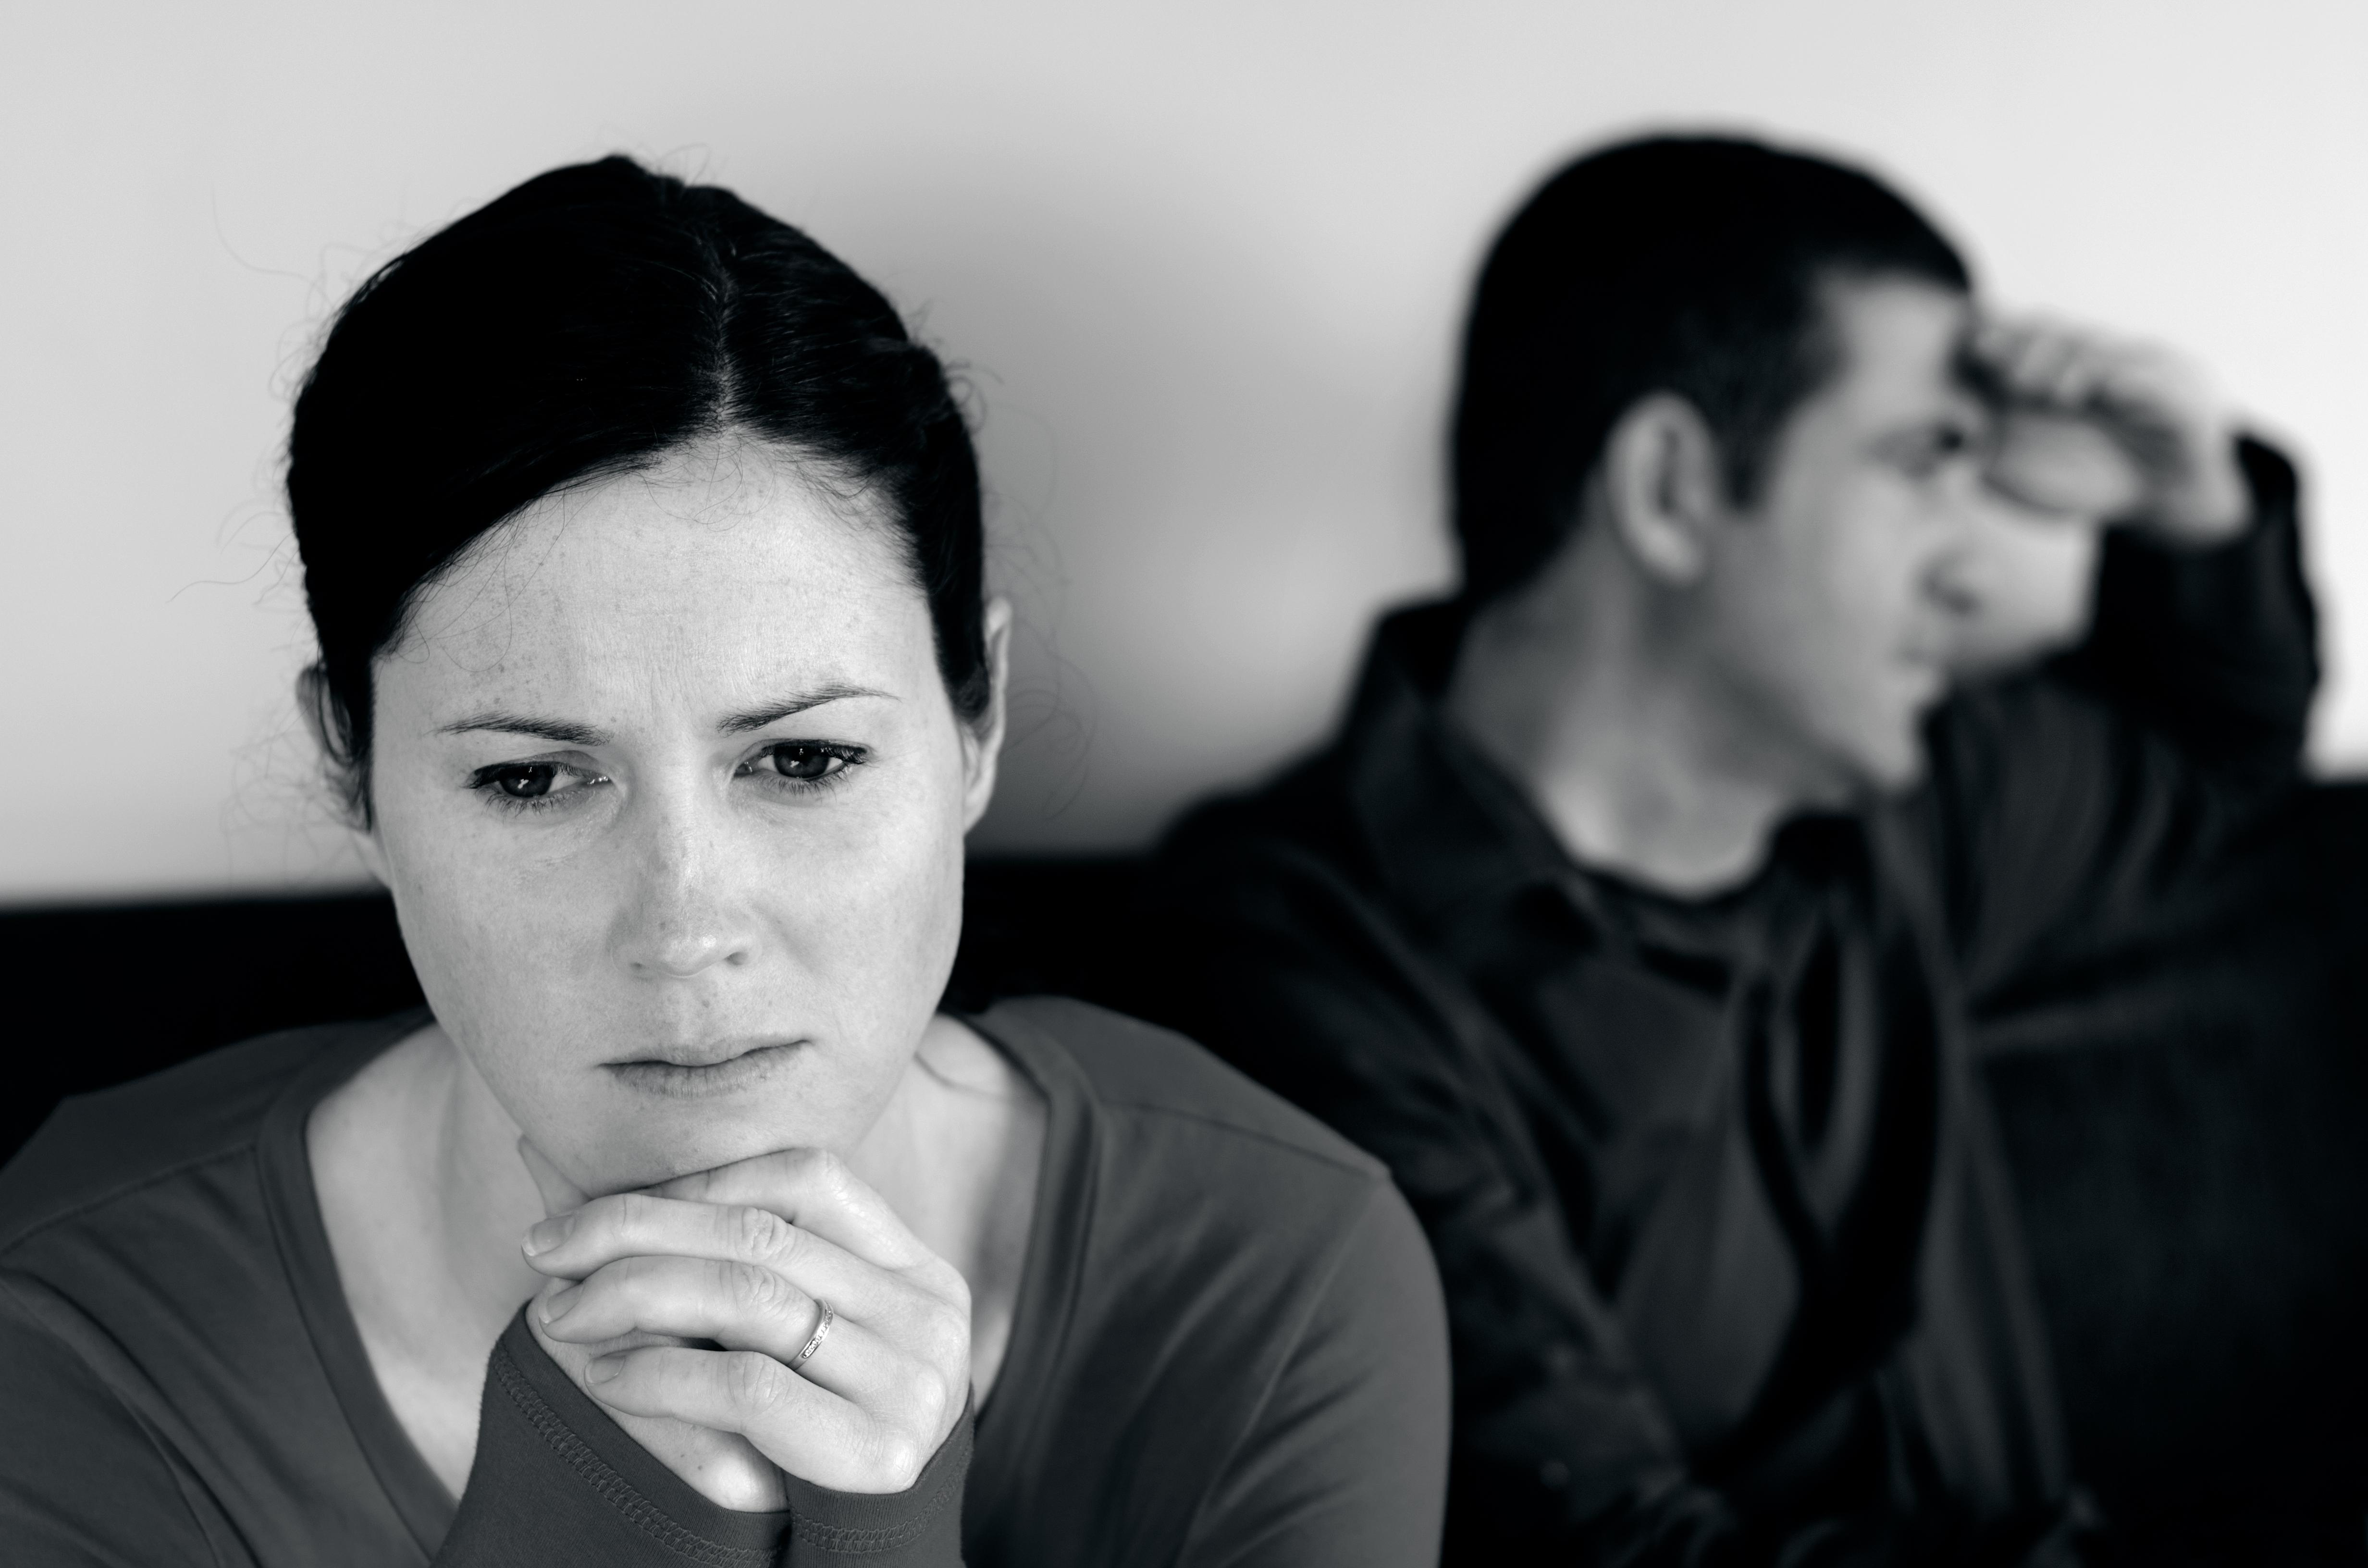 I familjer där en familjemedlen har gjort ett självmordsförsök är behovet av stöd stort.